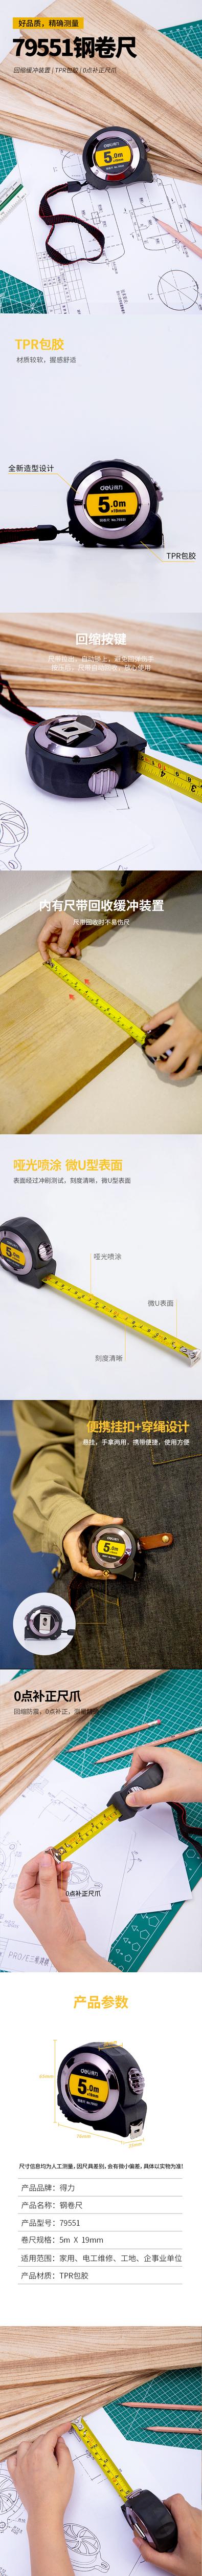 得力79551自锁钢卷尺5m(灰)(把)